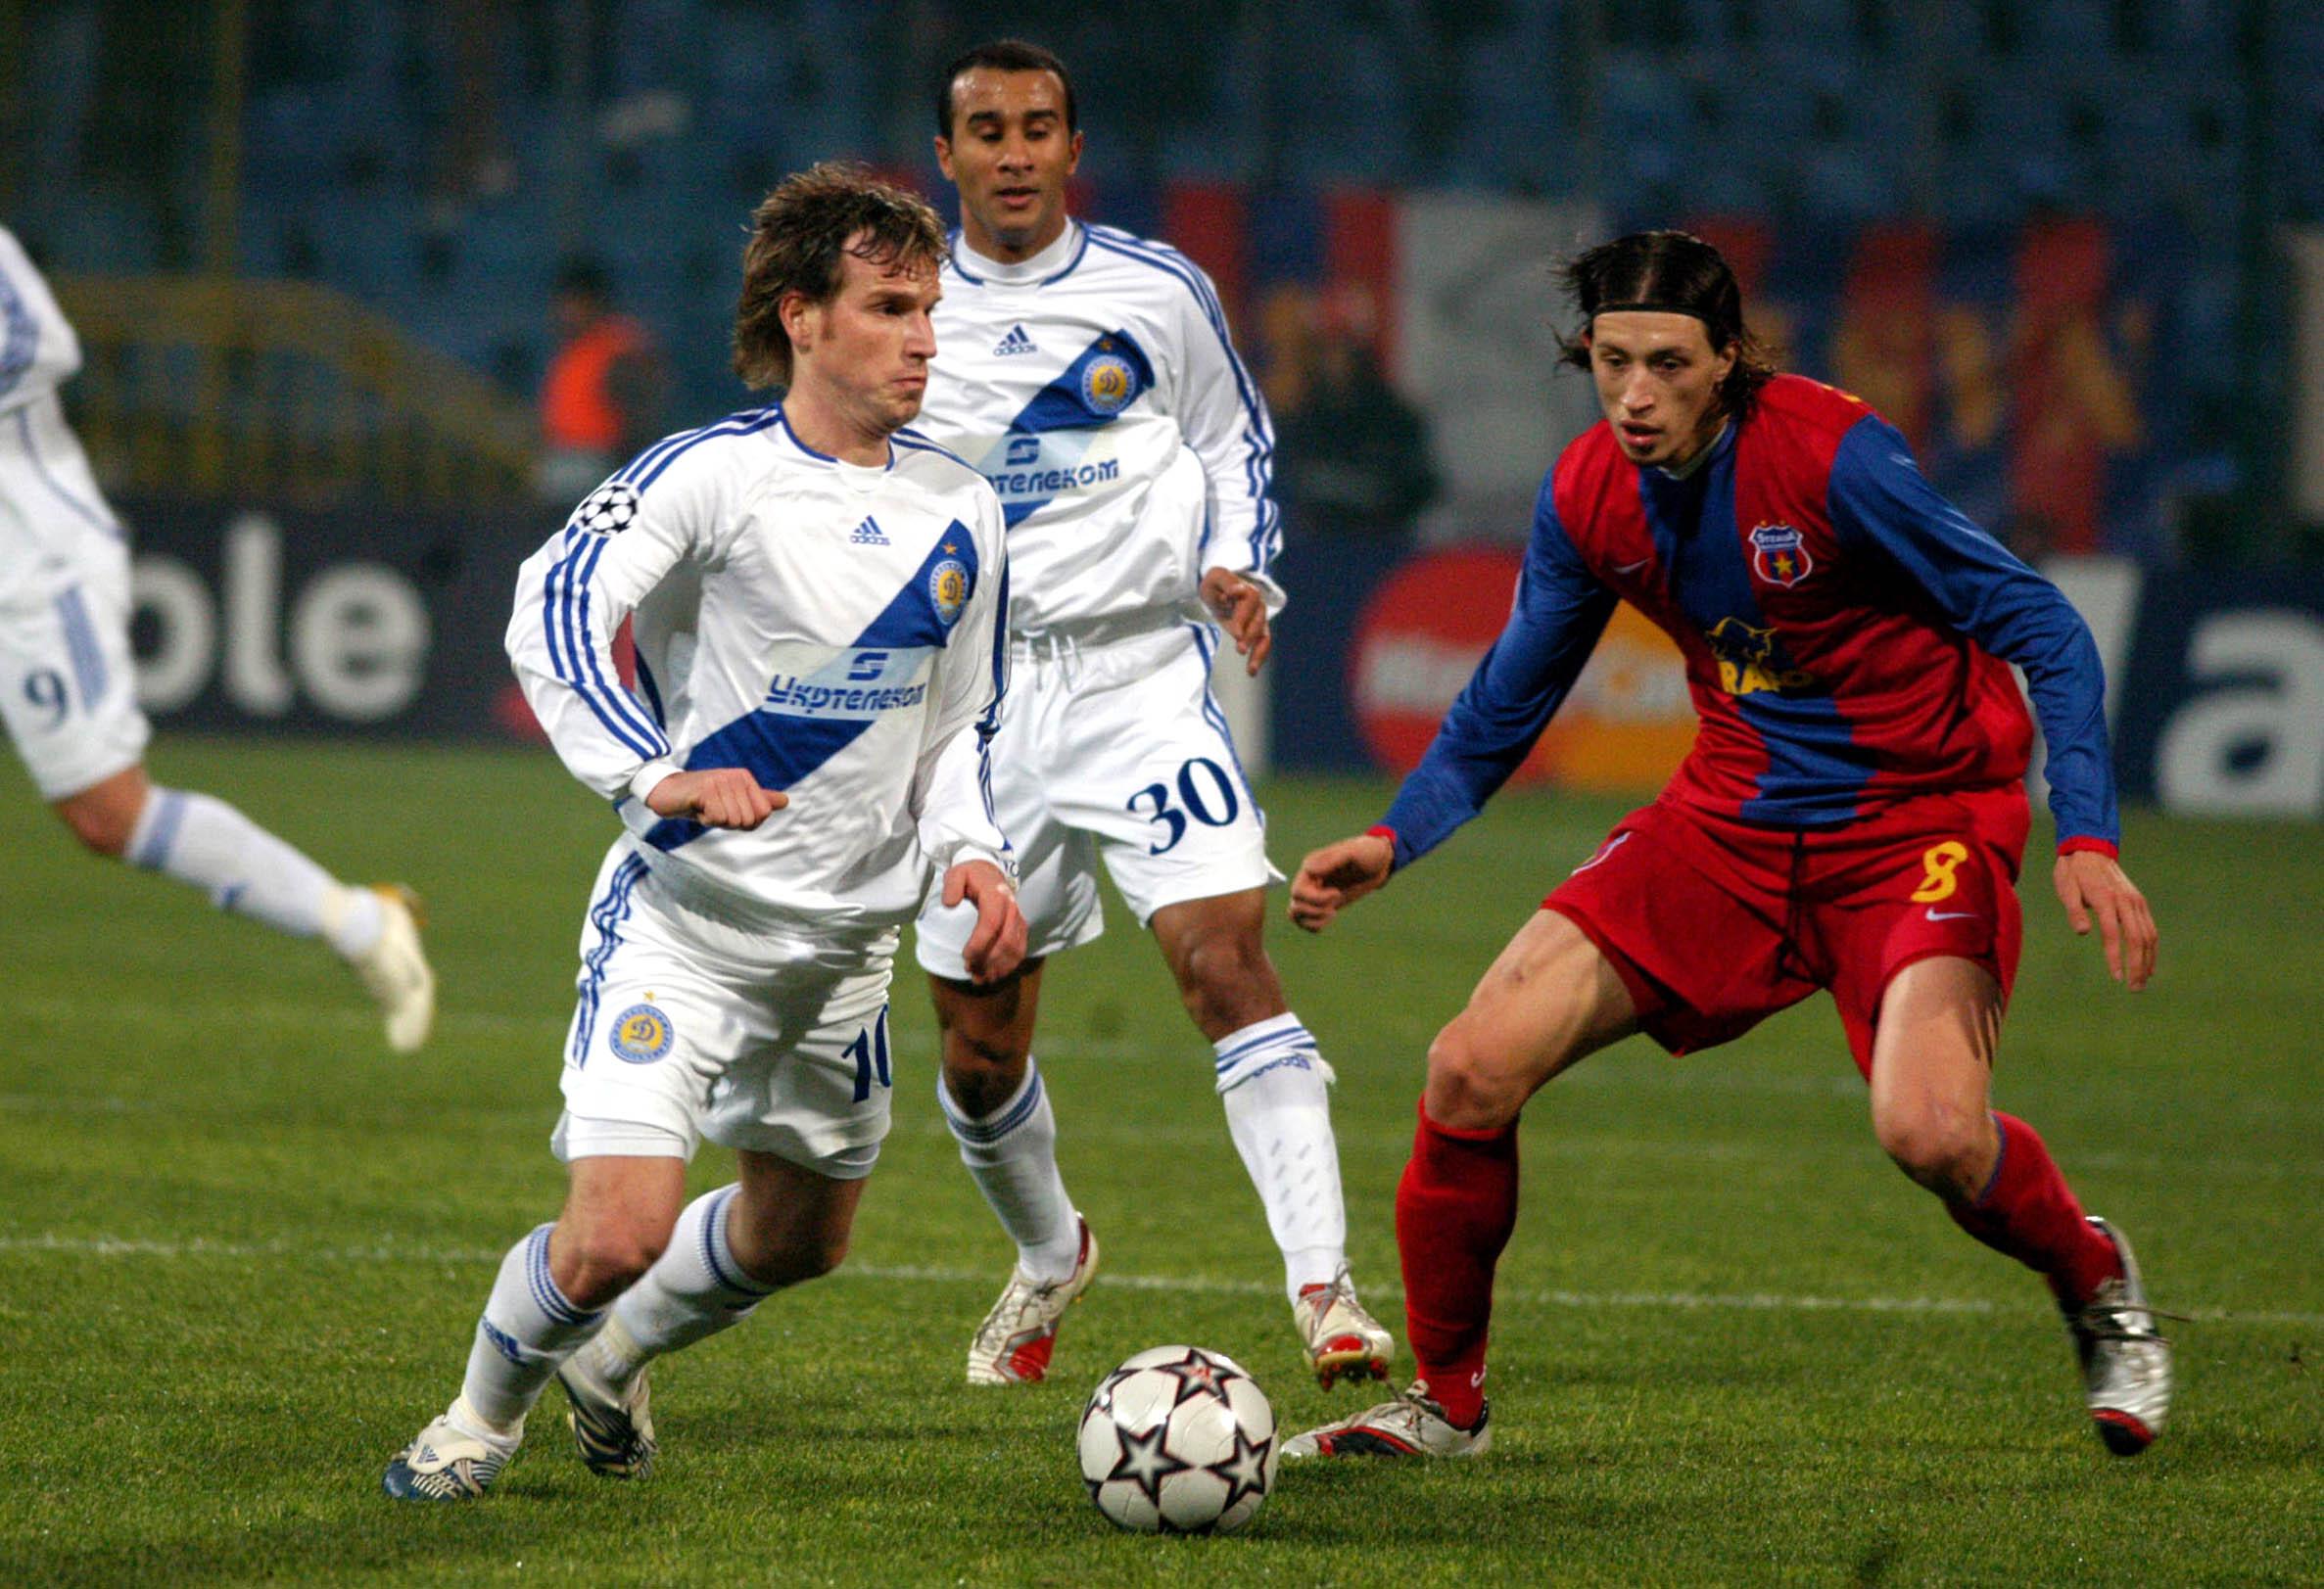 FOTBAL:STEAUA BUCURESTI-DINAMO KIEV 0-1,LIGA CAMPIONILOR (21.11.2006)